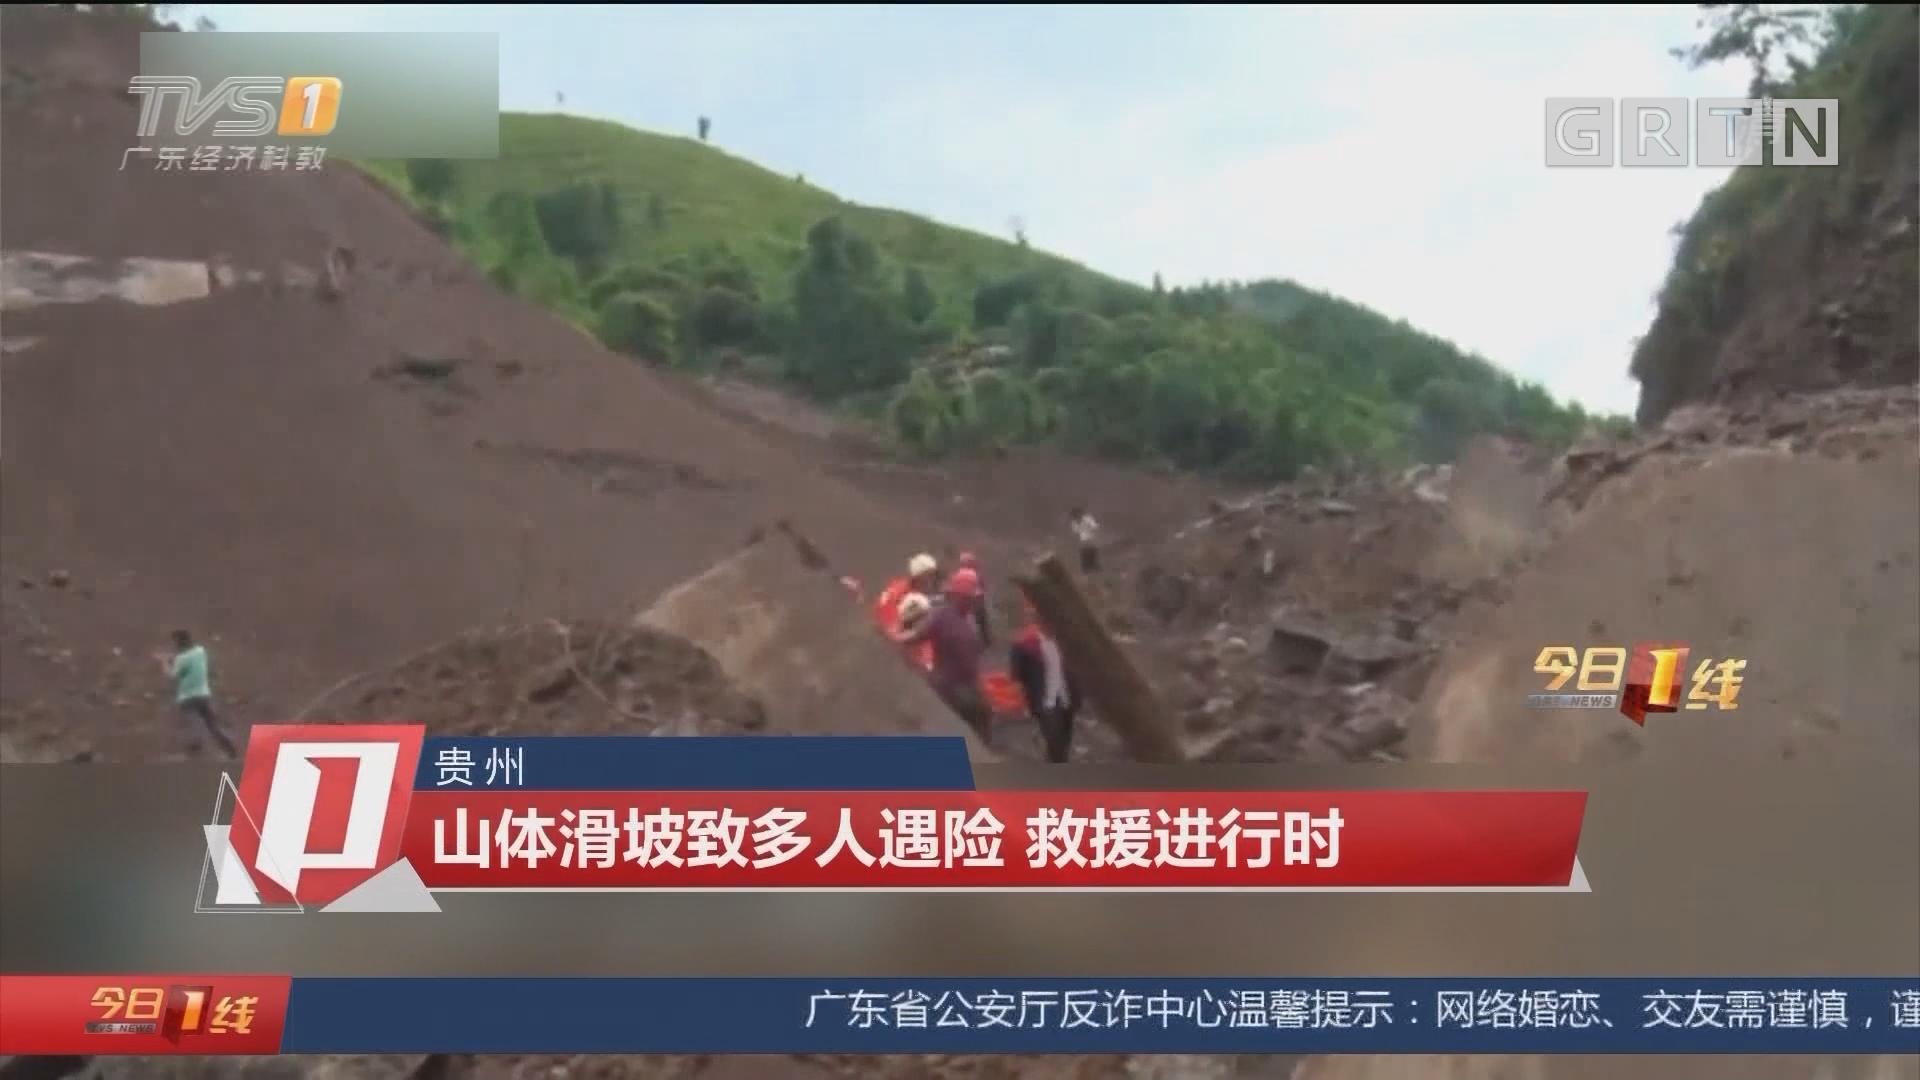 贵州:山体滑坡致多人遇险 救援进行时